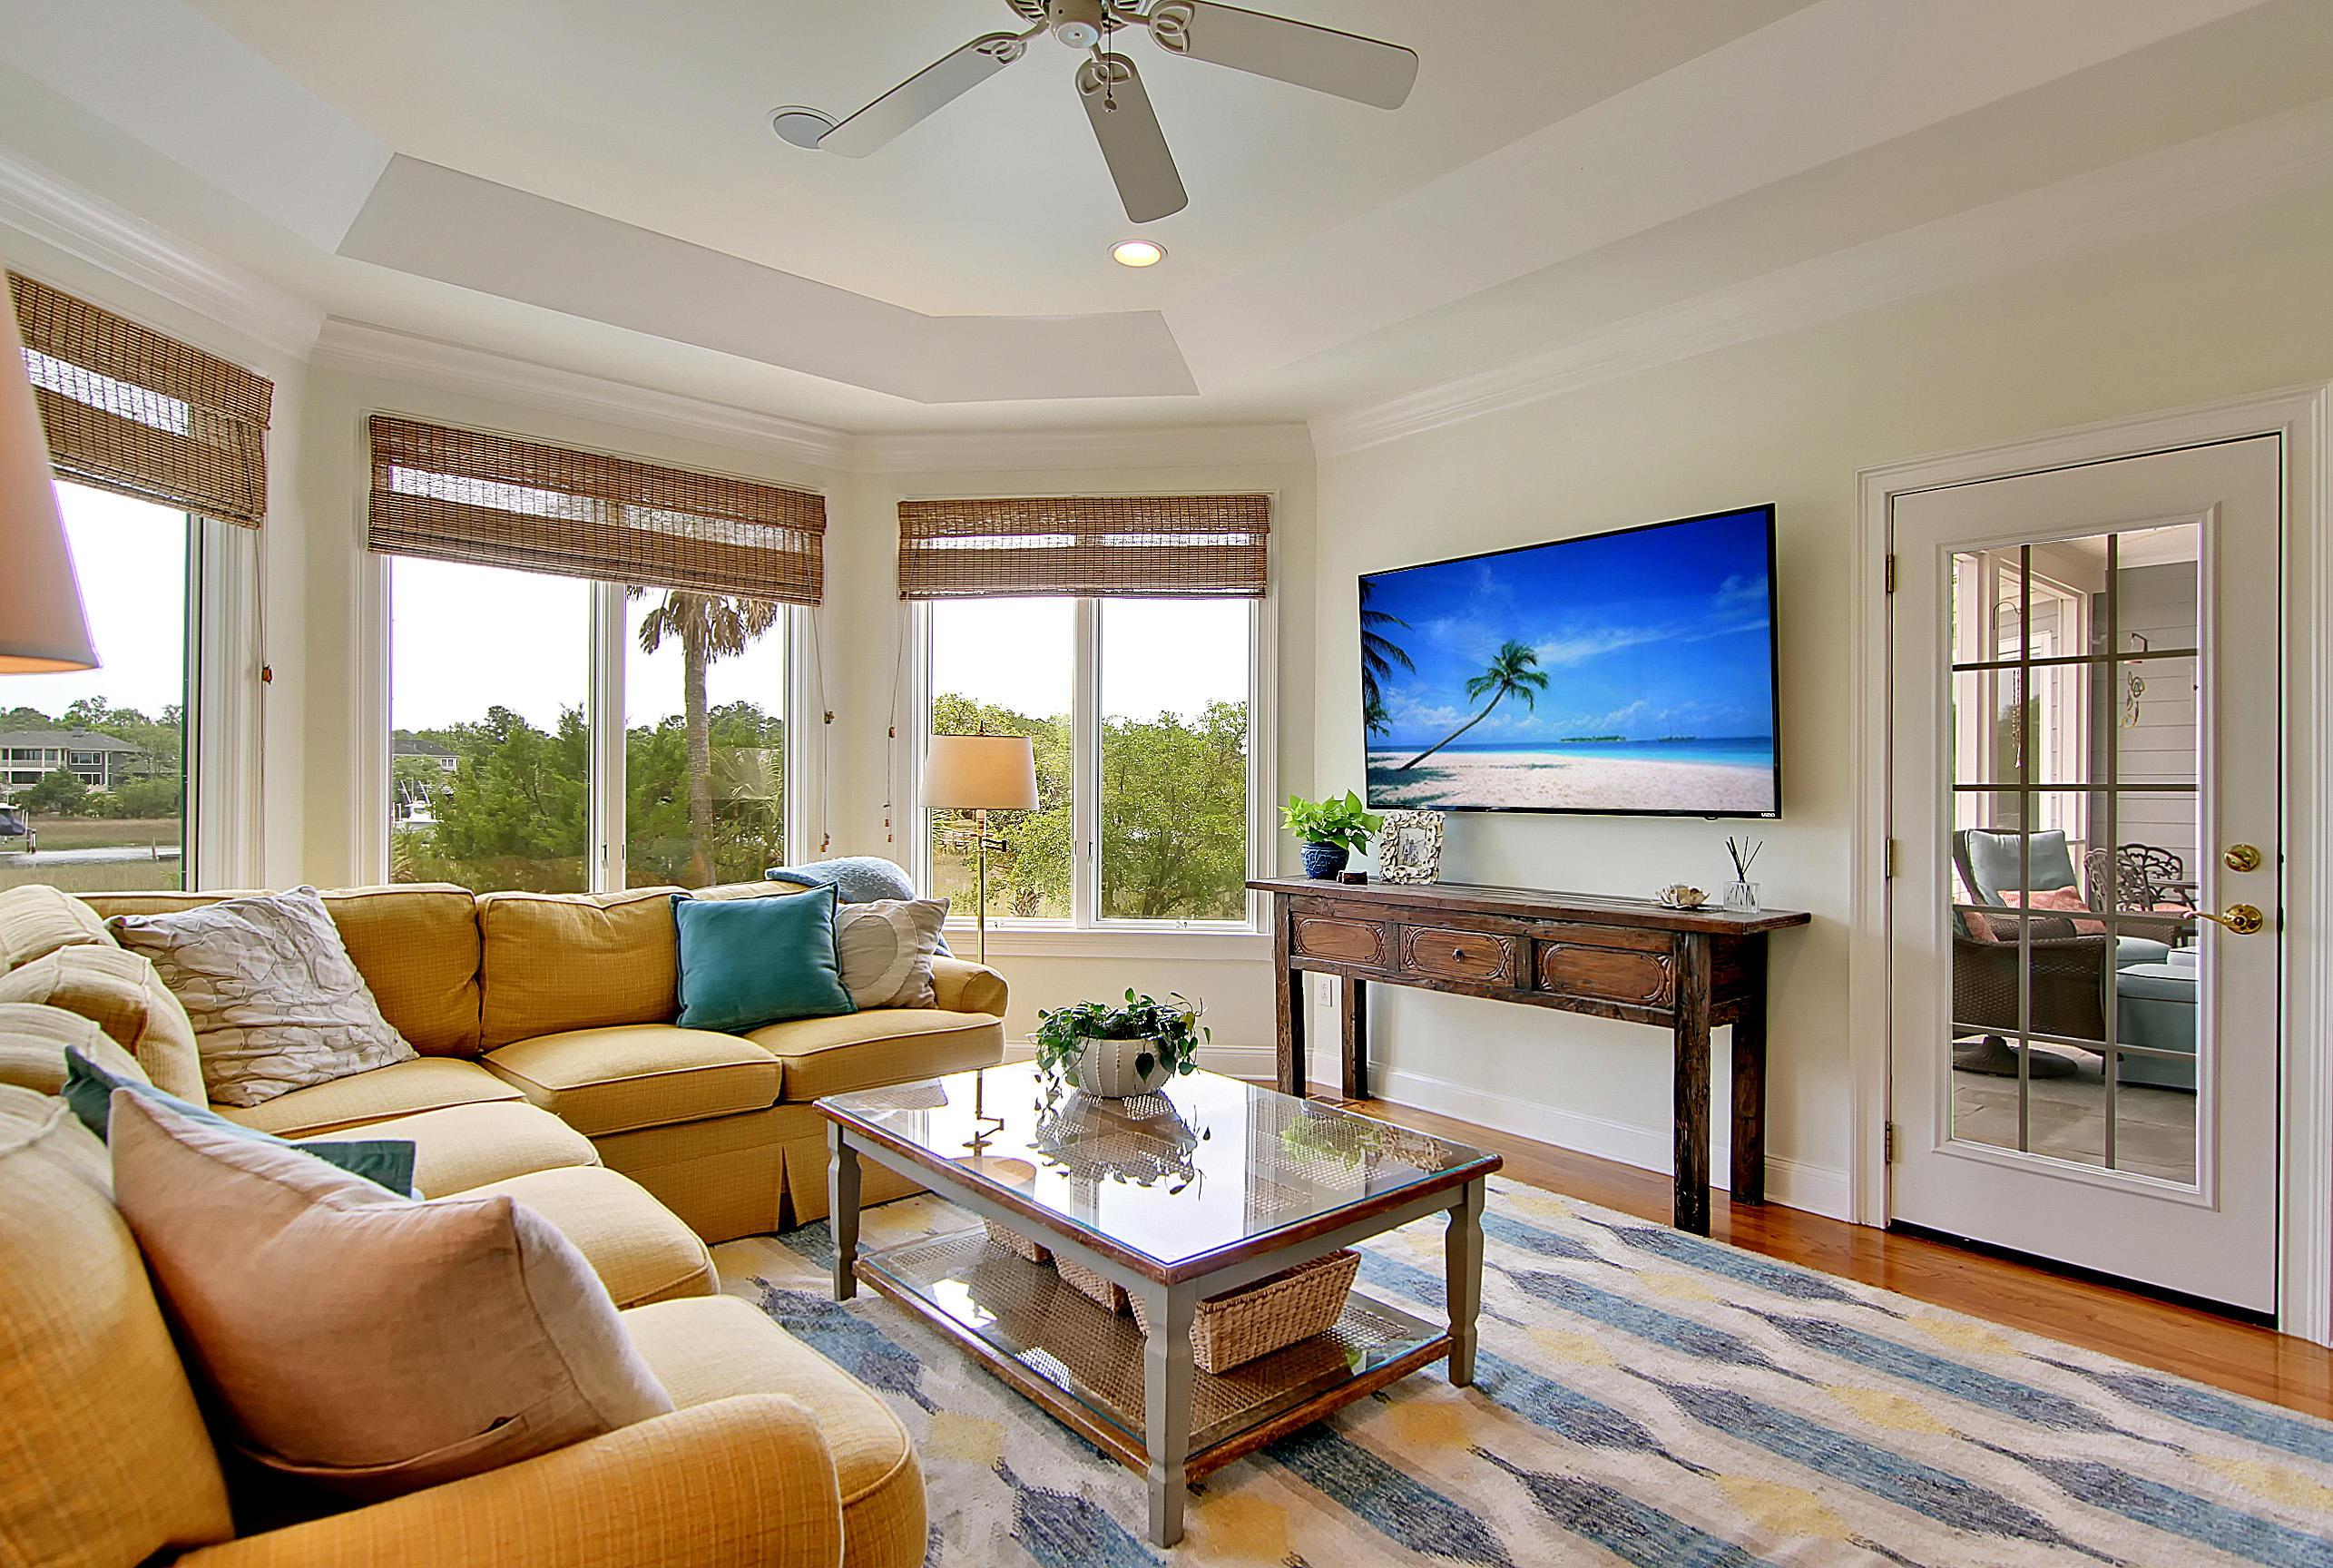 Dunes West Homes For Sale - 2282 Captain Waring, Mount Pleasant, SC - 57